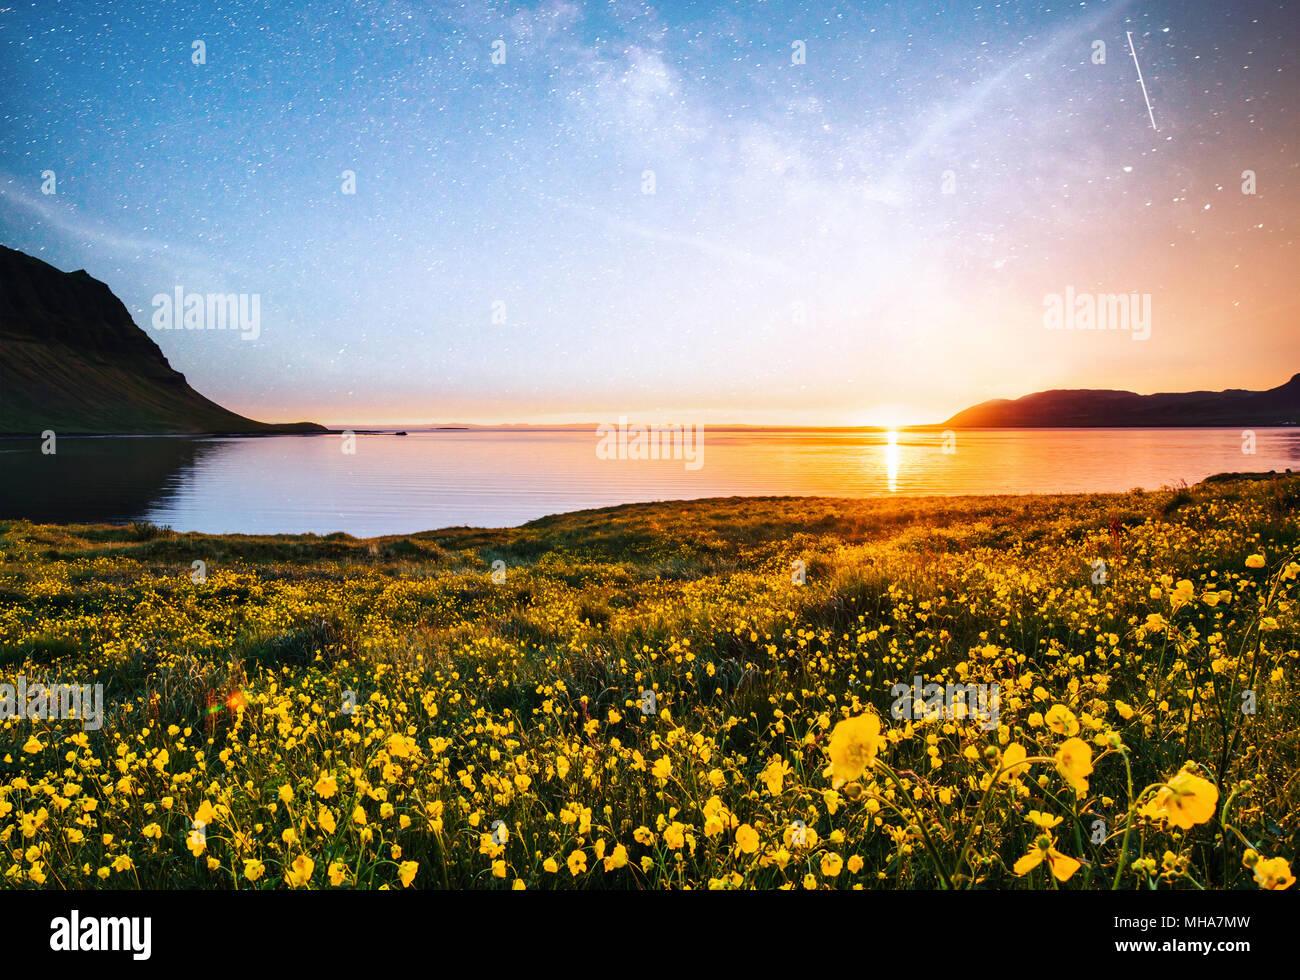 Den malerischen Sonnenuntergang über Landschaften und Wasserfällen. Kirkjufell Berg, Island Stockbild